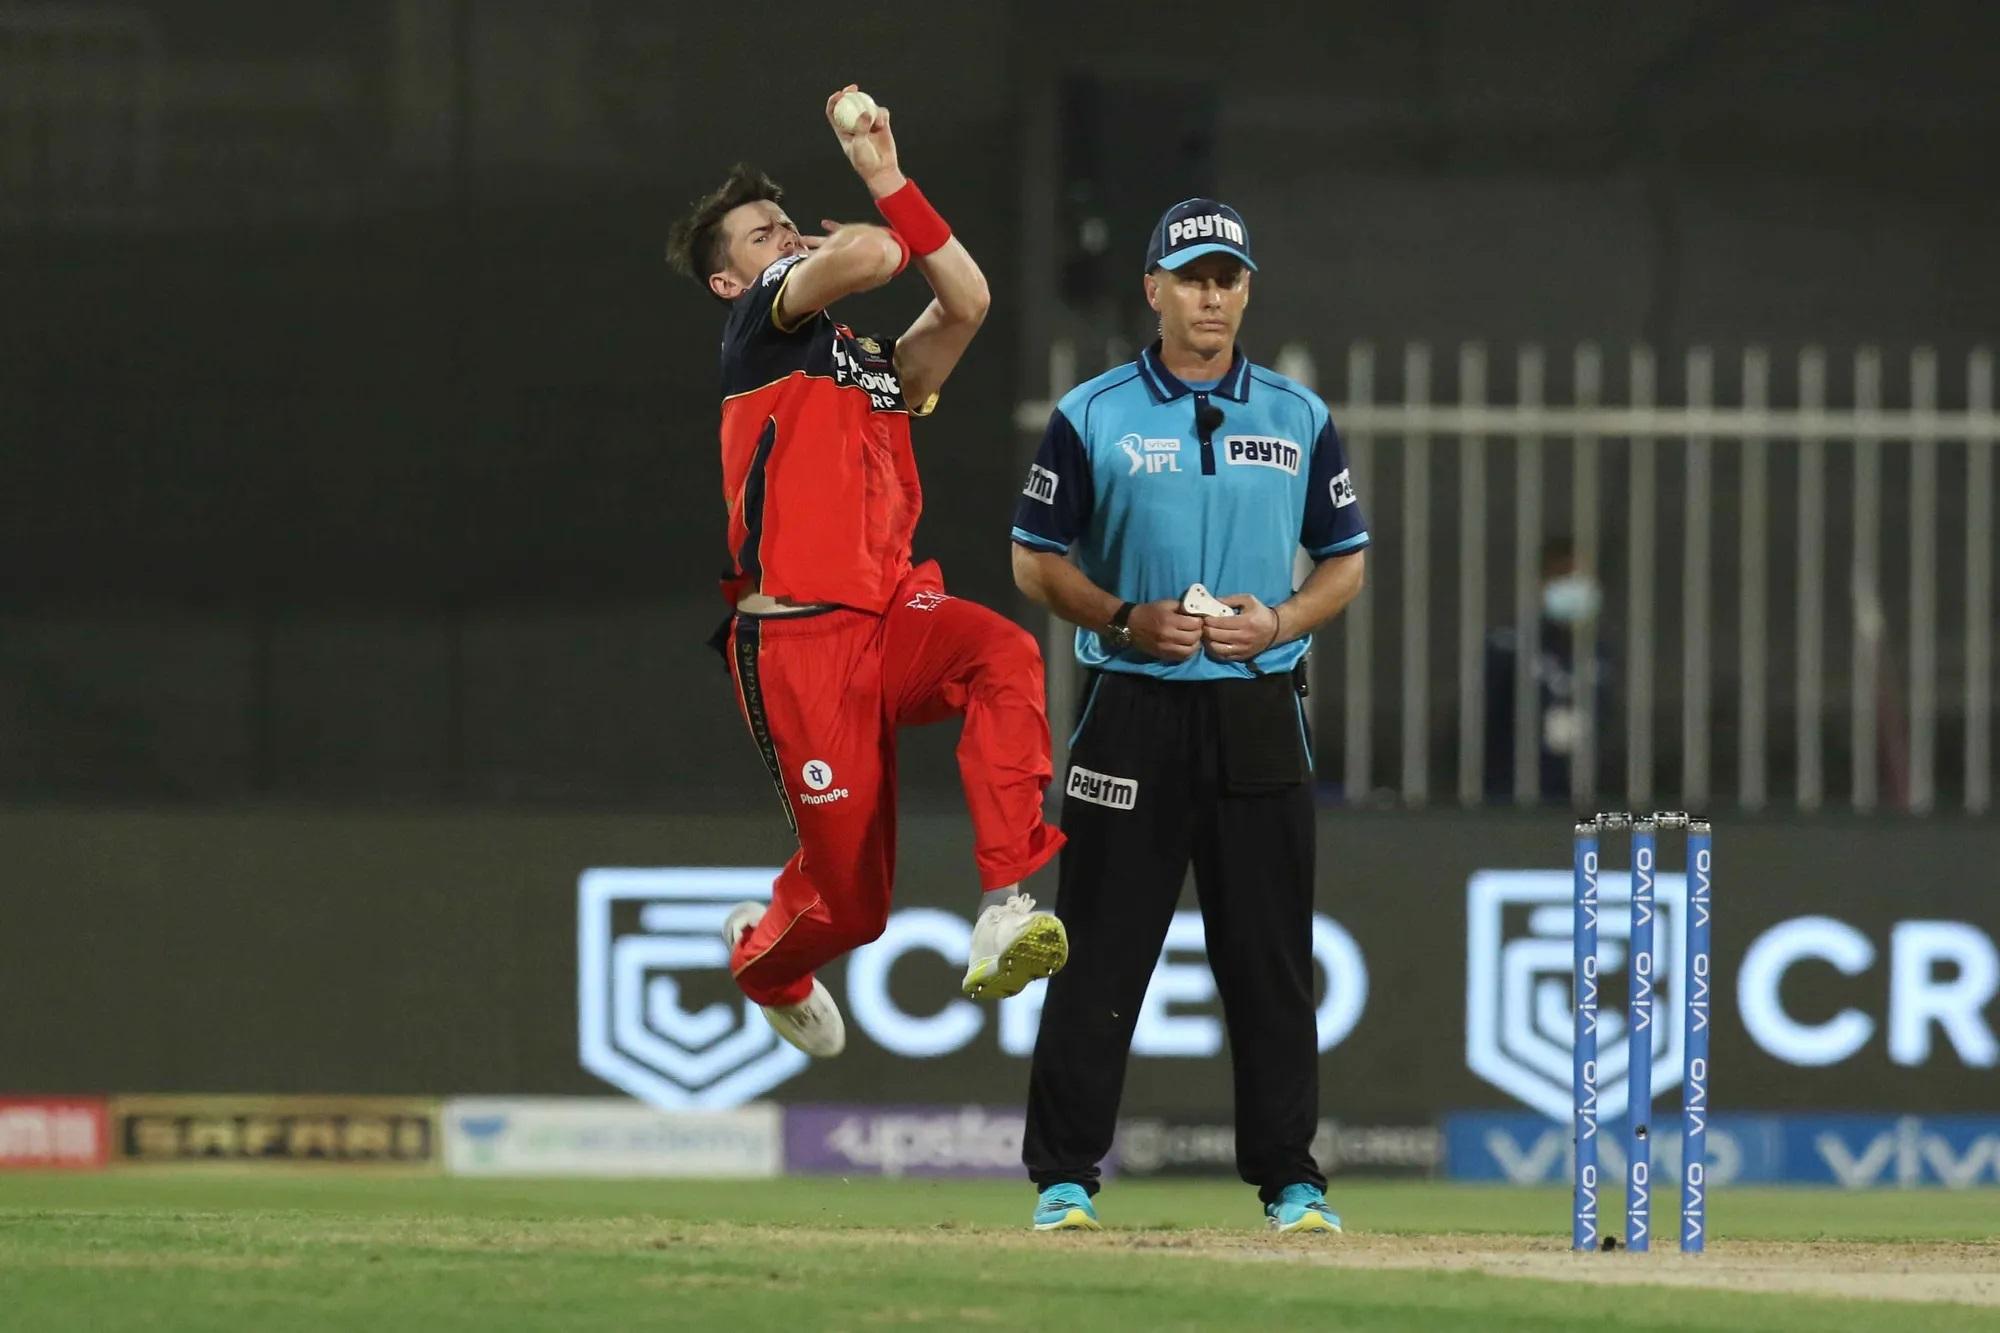 इस कतार में आखिरी नाम RCB के बॉलर जॉर्ज गार्टन का भी है। उन्होंने एक लो-स्कोरिंग मैच में 3 ओवर में 29 रन खर्च कर दिए और एक भी विकेट नहीं ले पाए।